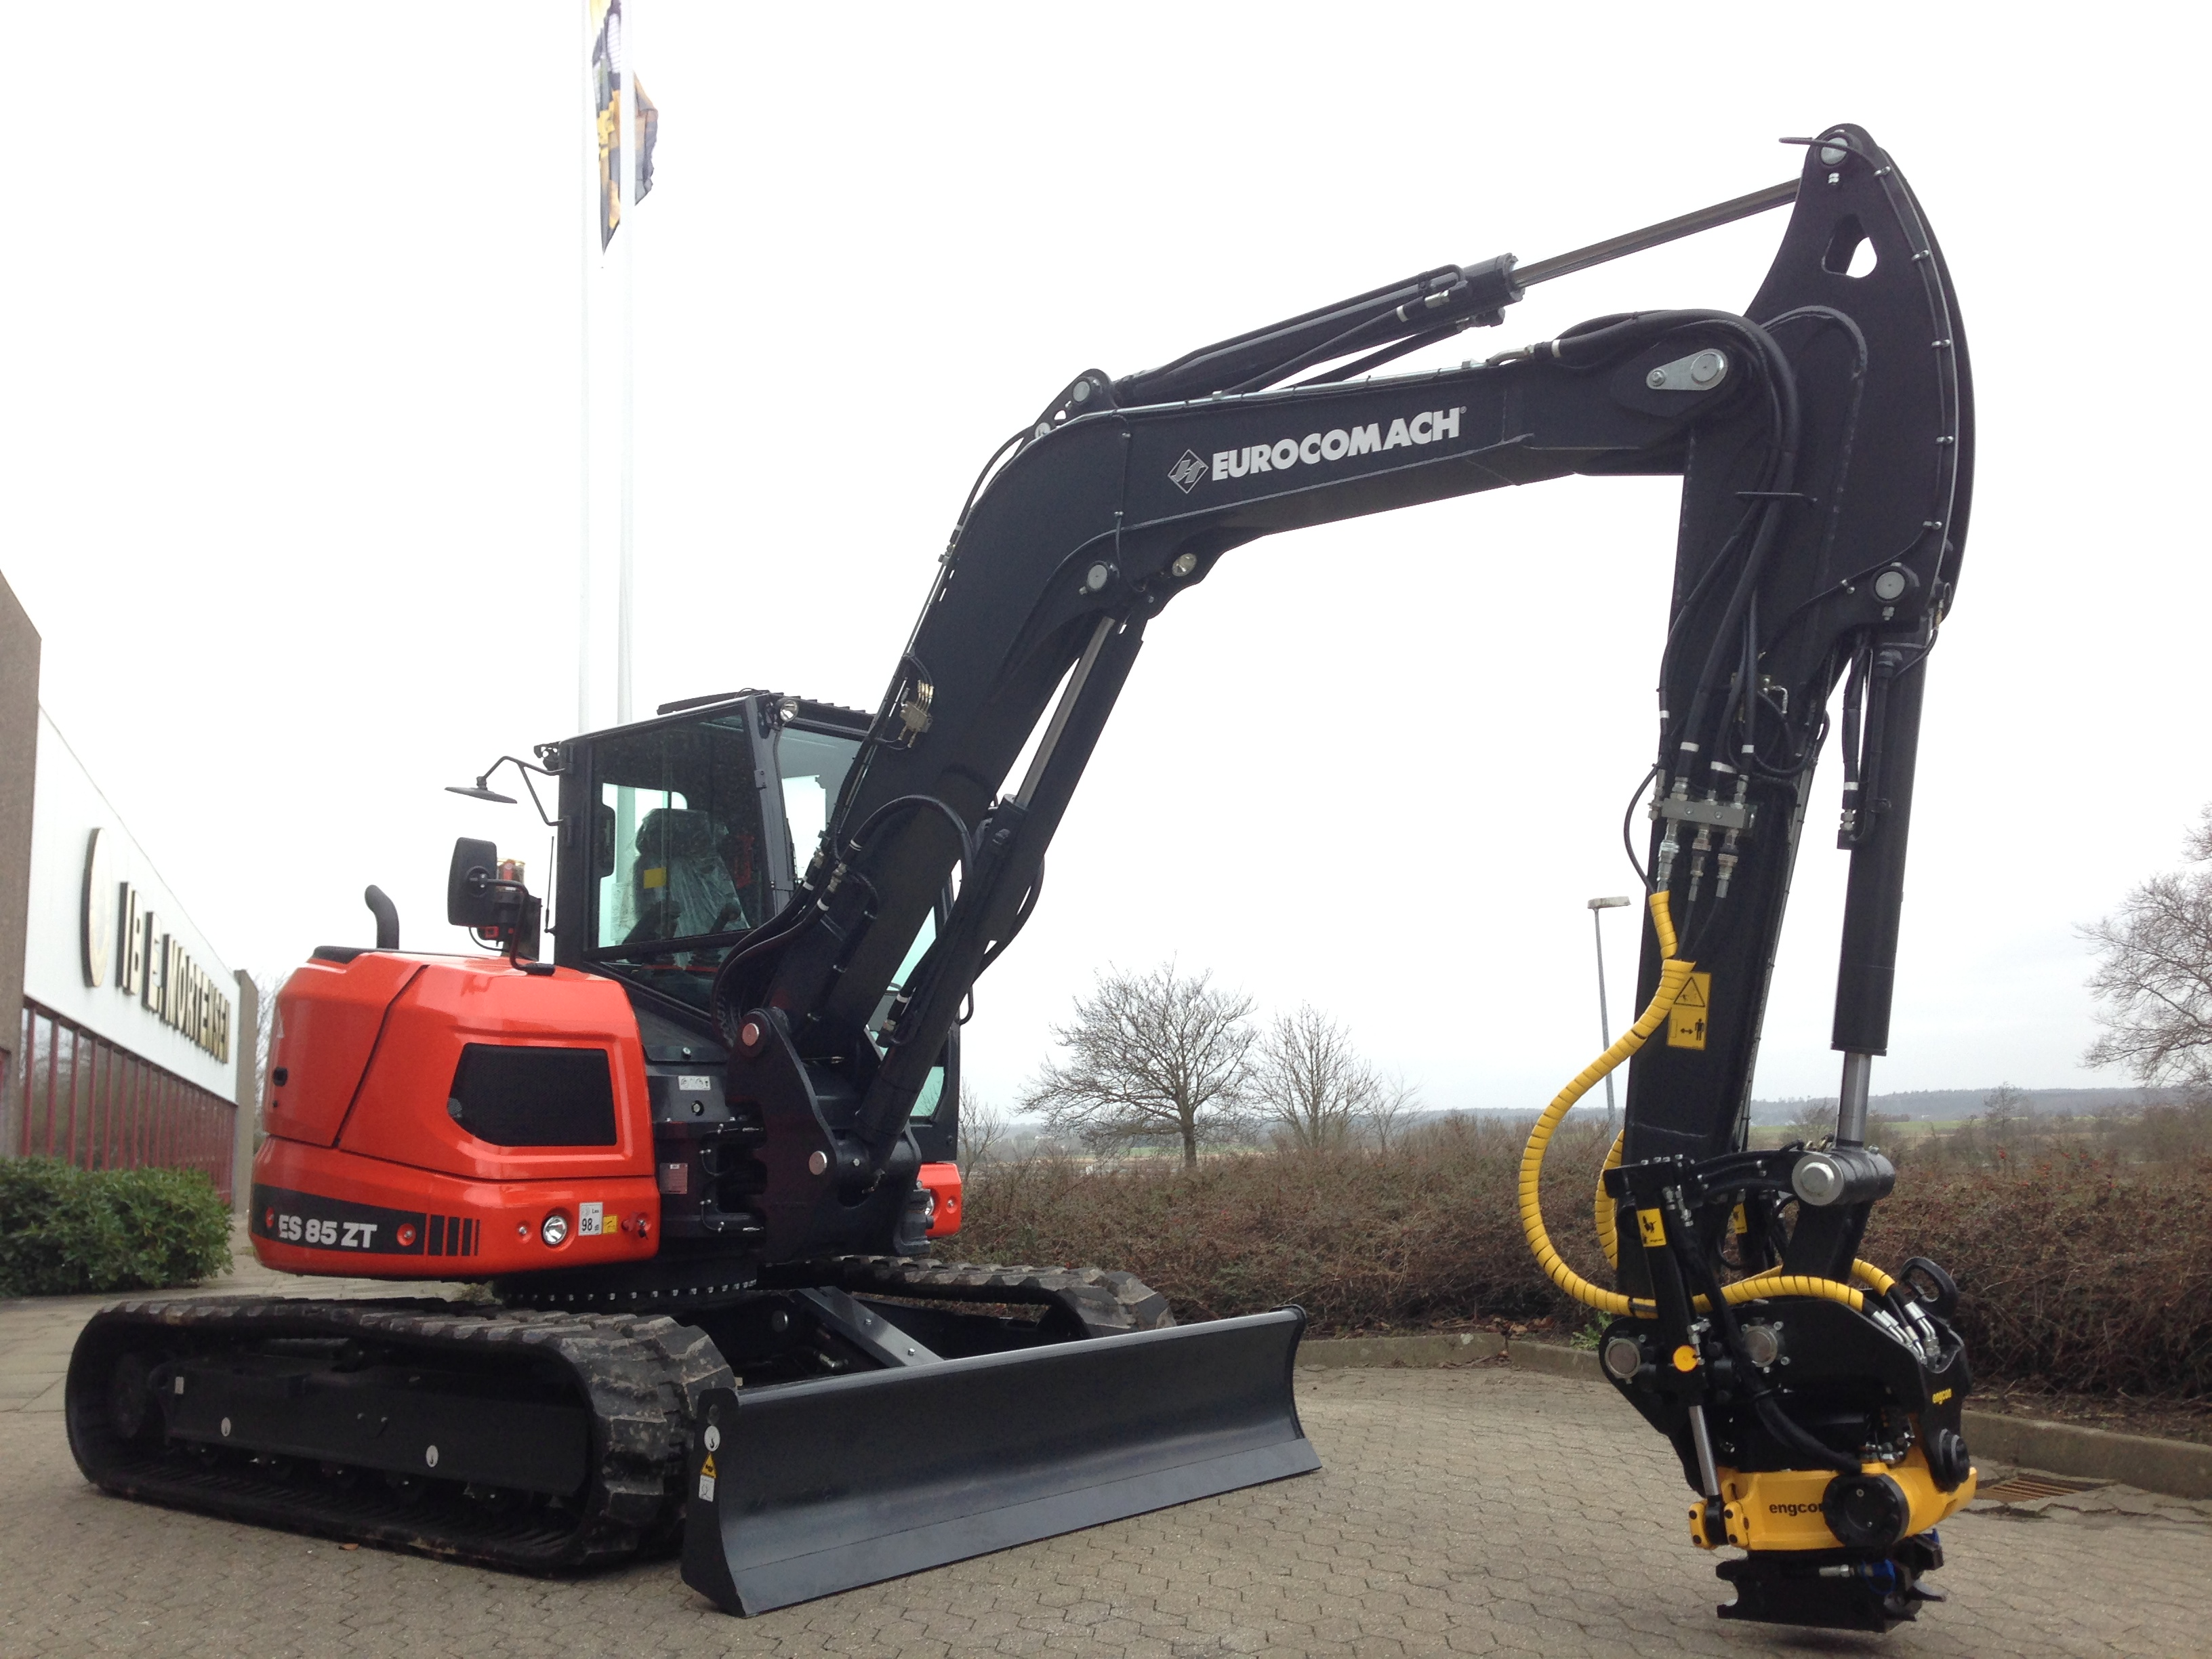 20640e4a220 Tilbud på 9 tons gravemaskine - Ib E. Mortensen - Kastbjerg